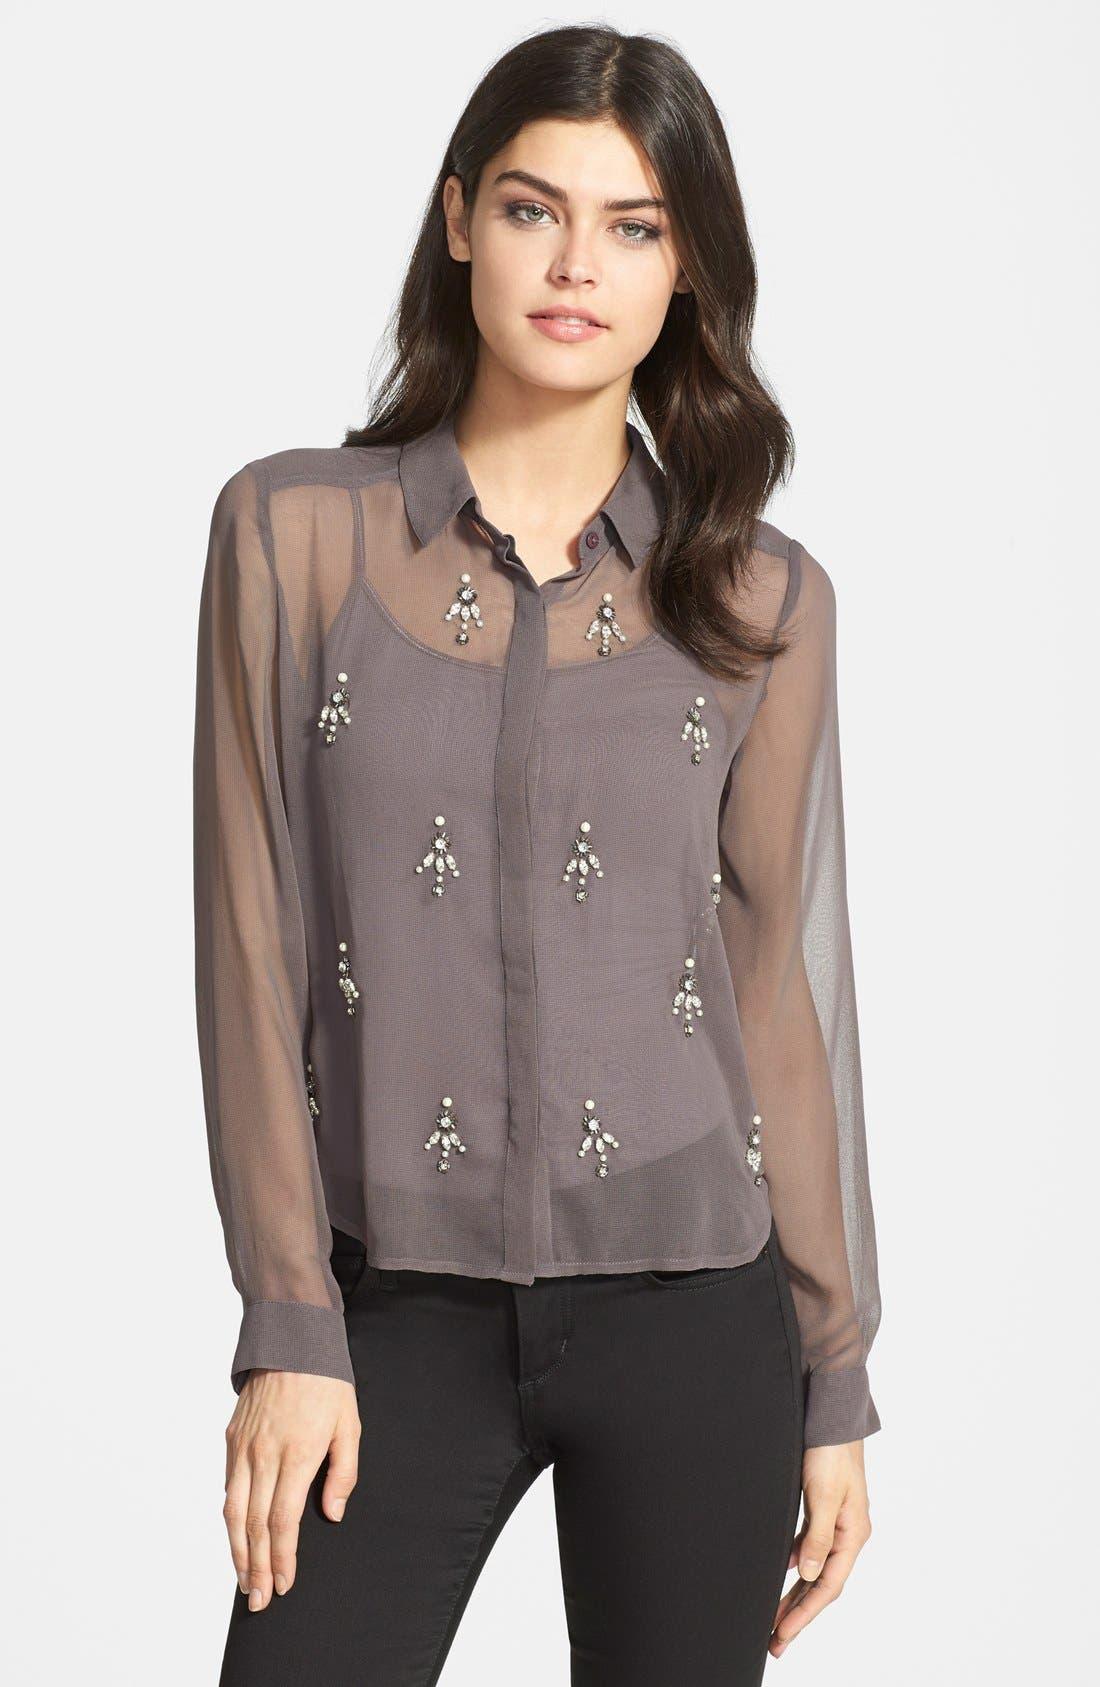 Alternate Image 1 Selected - Chelsea28 Embellished Sheer Shirt